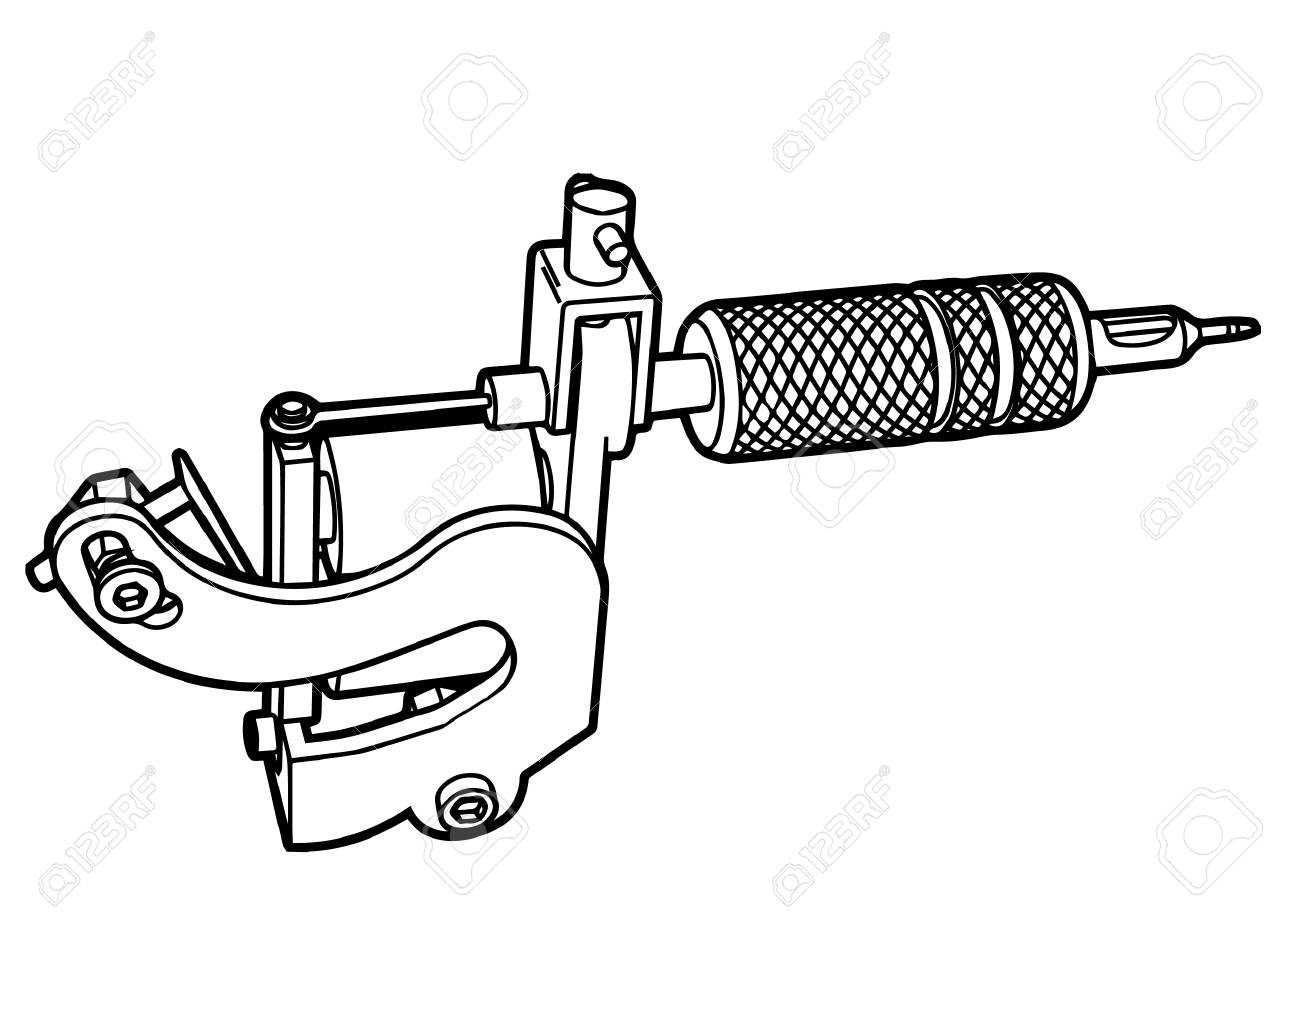 Tattoo machine icon - 86435442